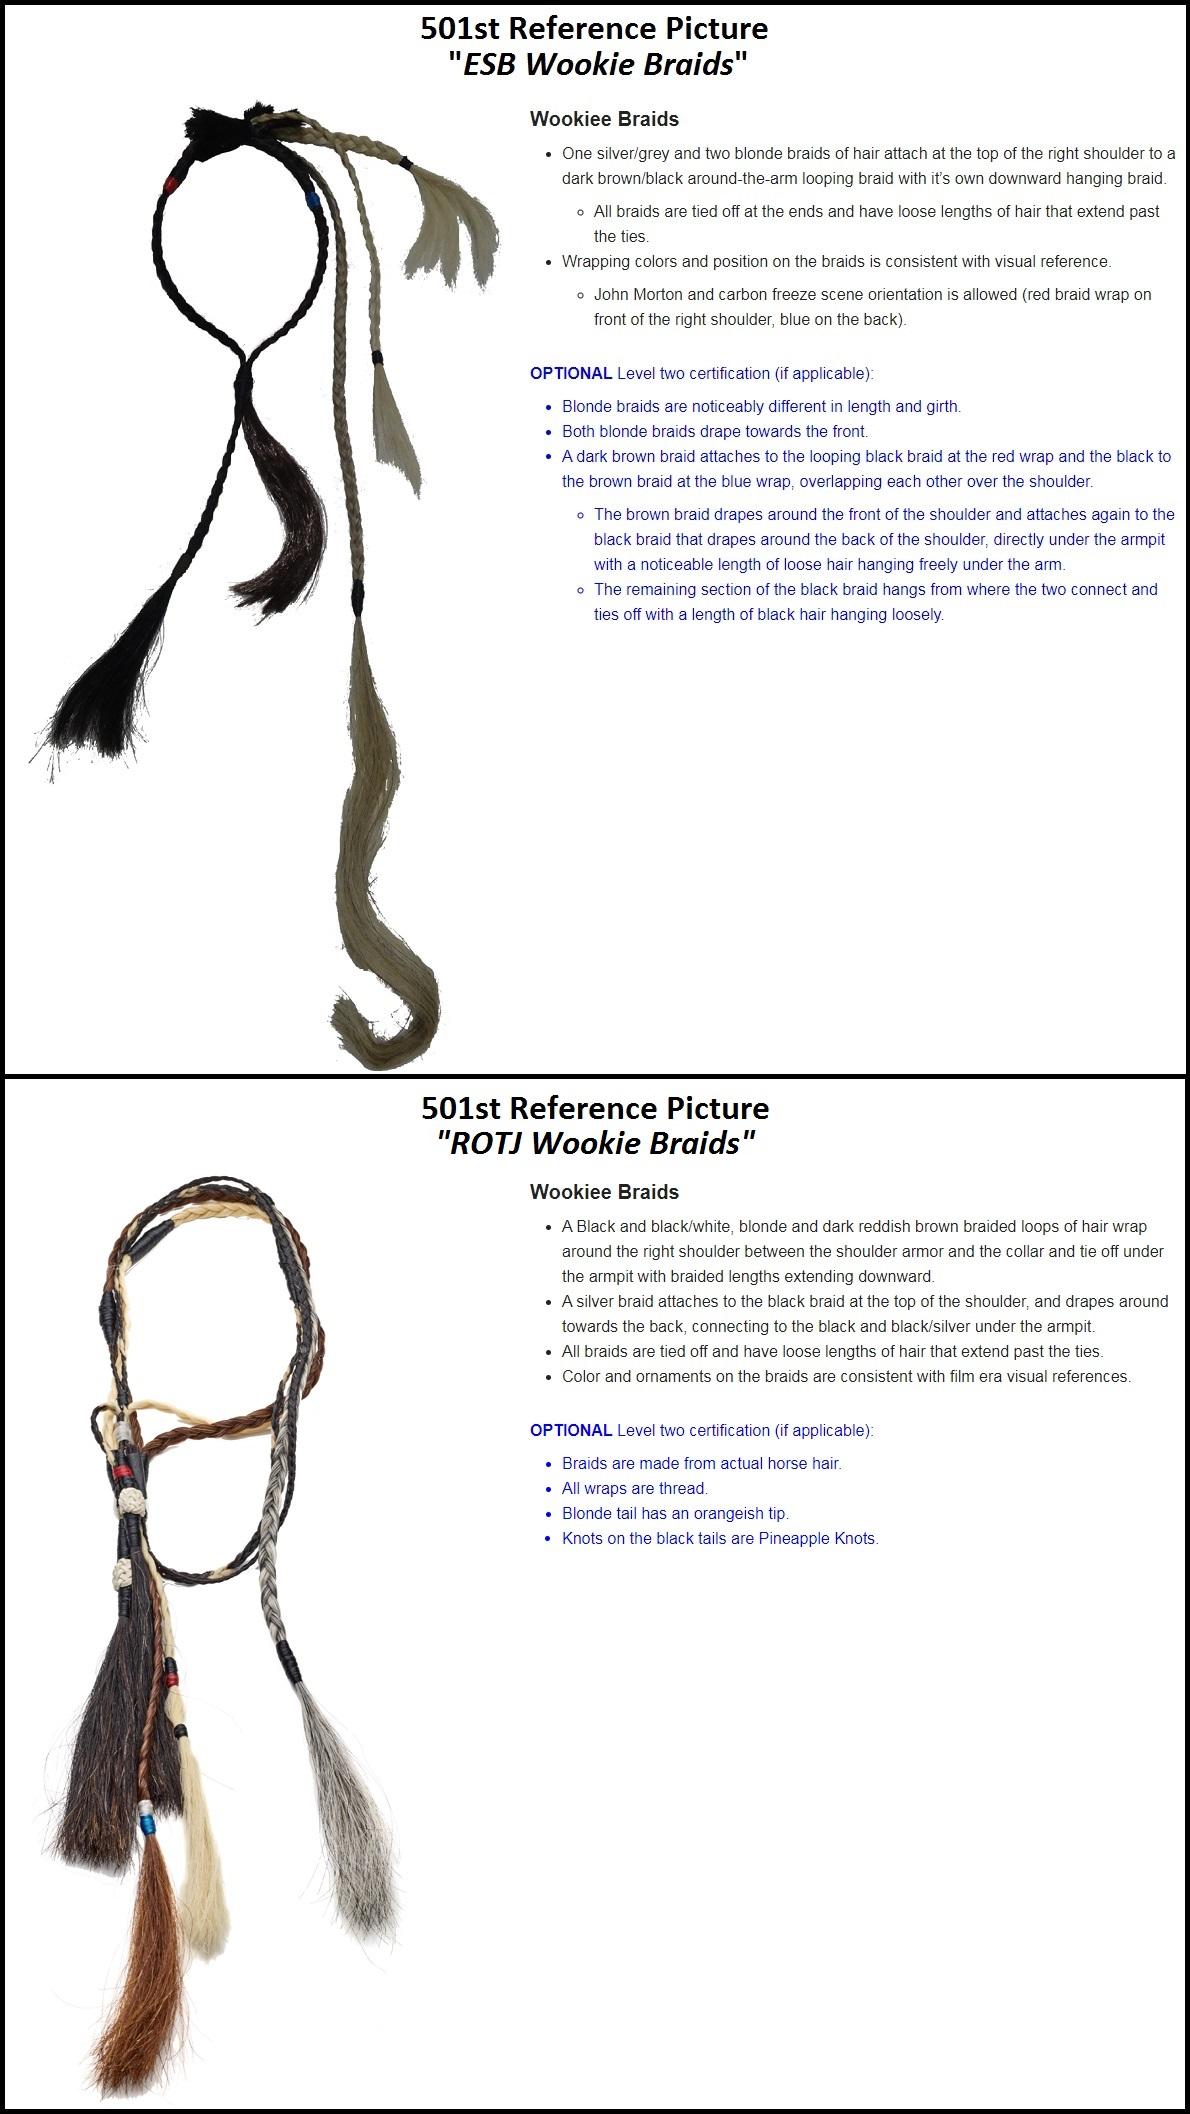 Boba Fett Wookiee Braids - ESB vs ROTJ Comparison.jpg